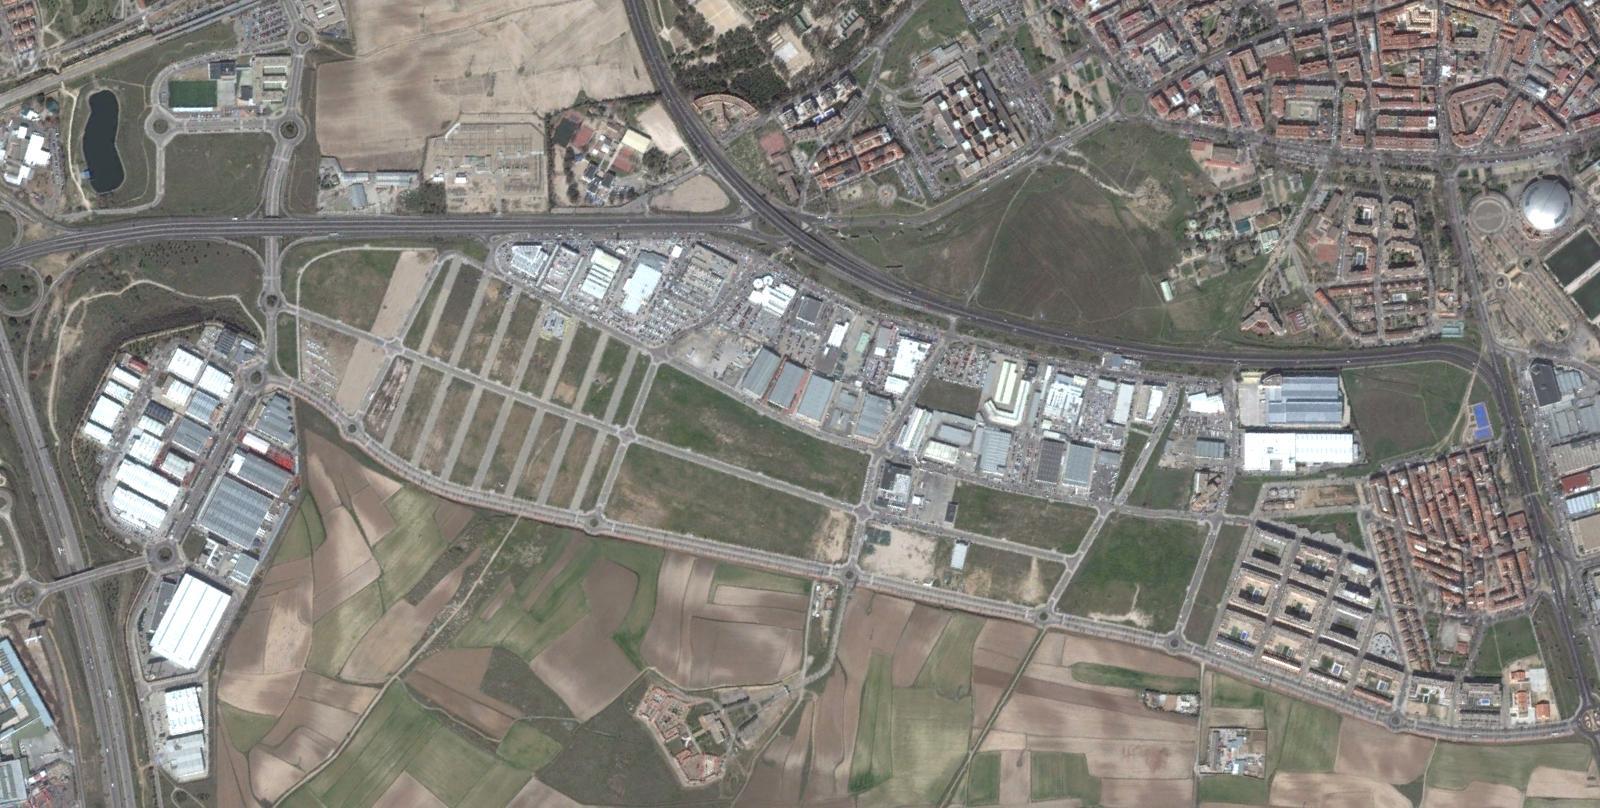 leganés, madrid, north kiltown, después, urbanismo, planeamiento, urbano, desastre, urbanístico, construcción, rotondas, carretera